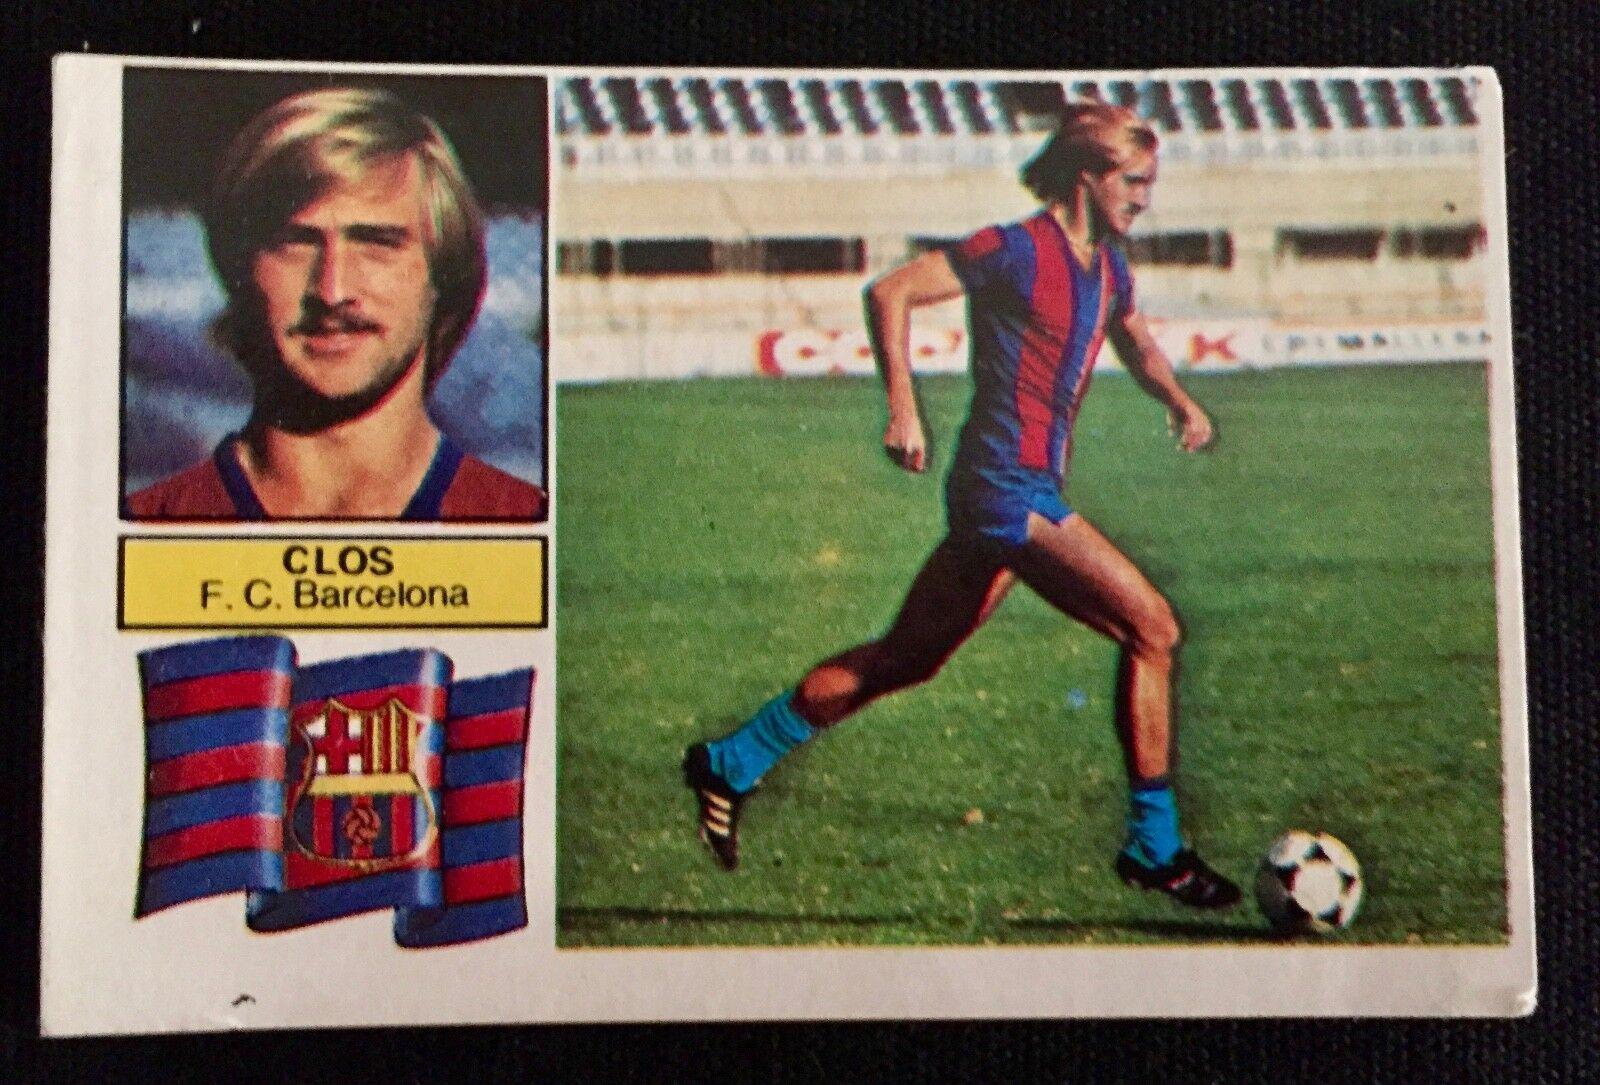 CROMO CLOS COLOCA F.C.BARCELONA ESTE 82-83 LIGA 1982-1983 SIN F.C.B. EN ESCUDO